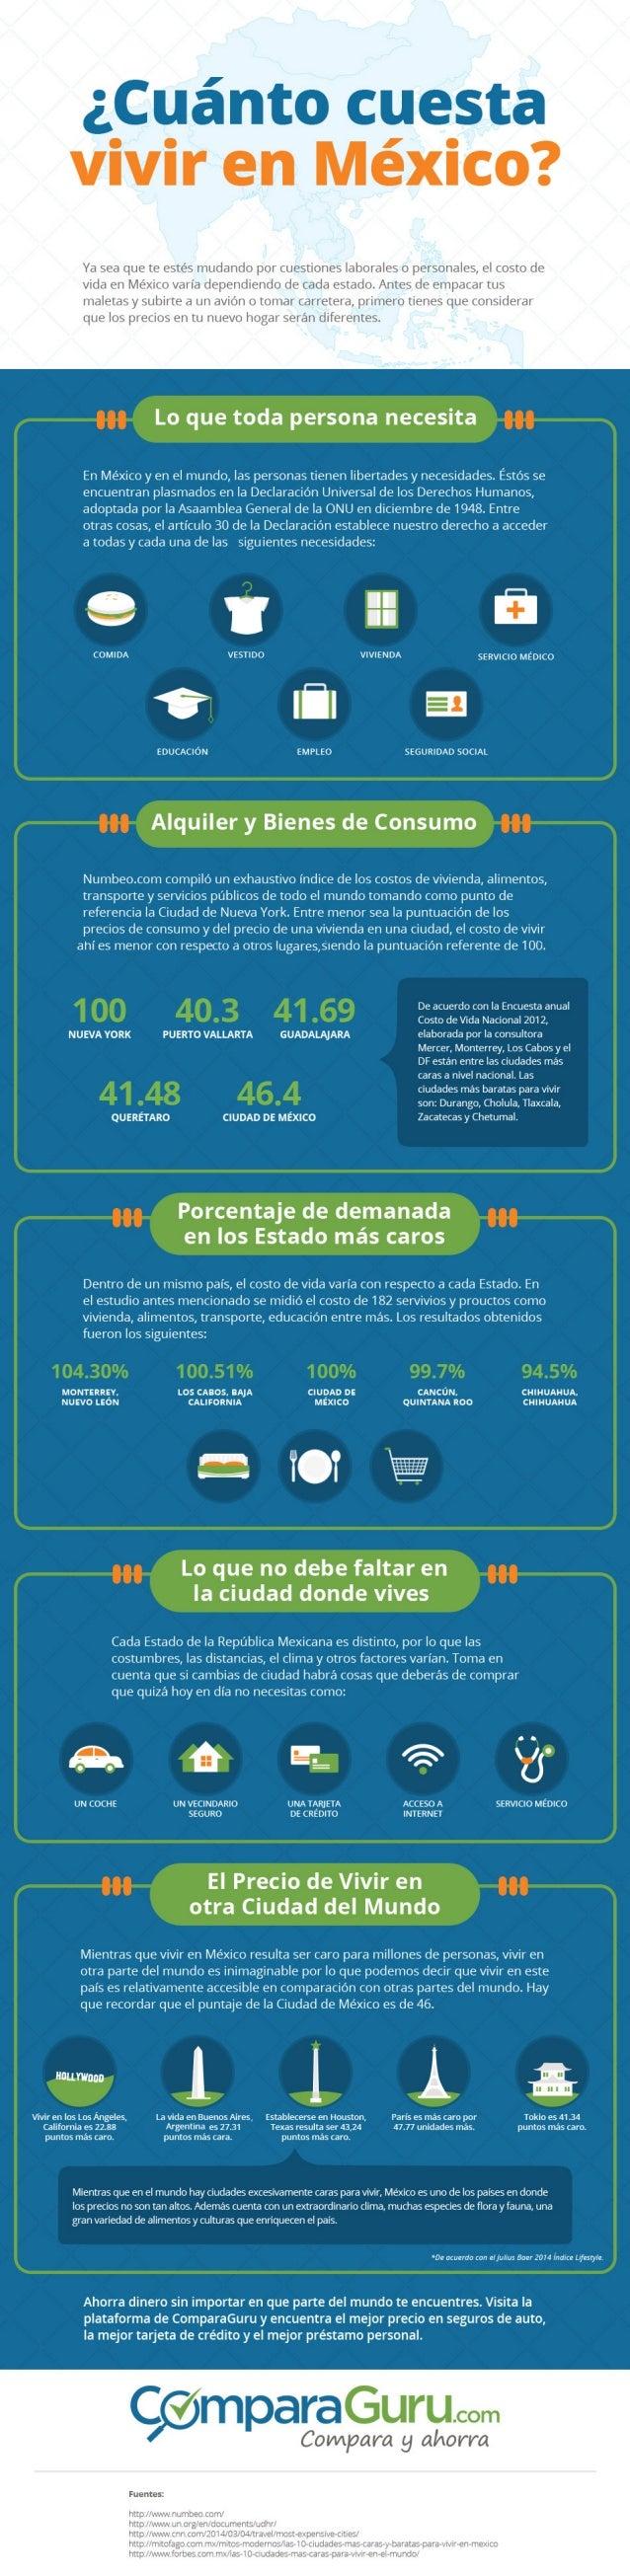 ¿Cuánto cuesta vivir en México?